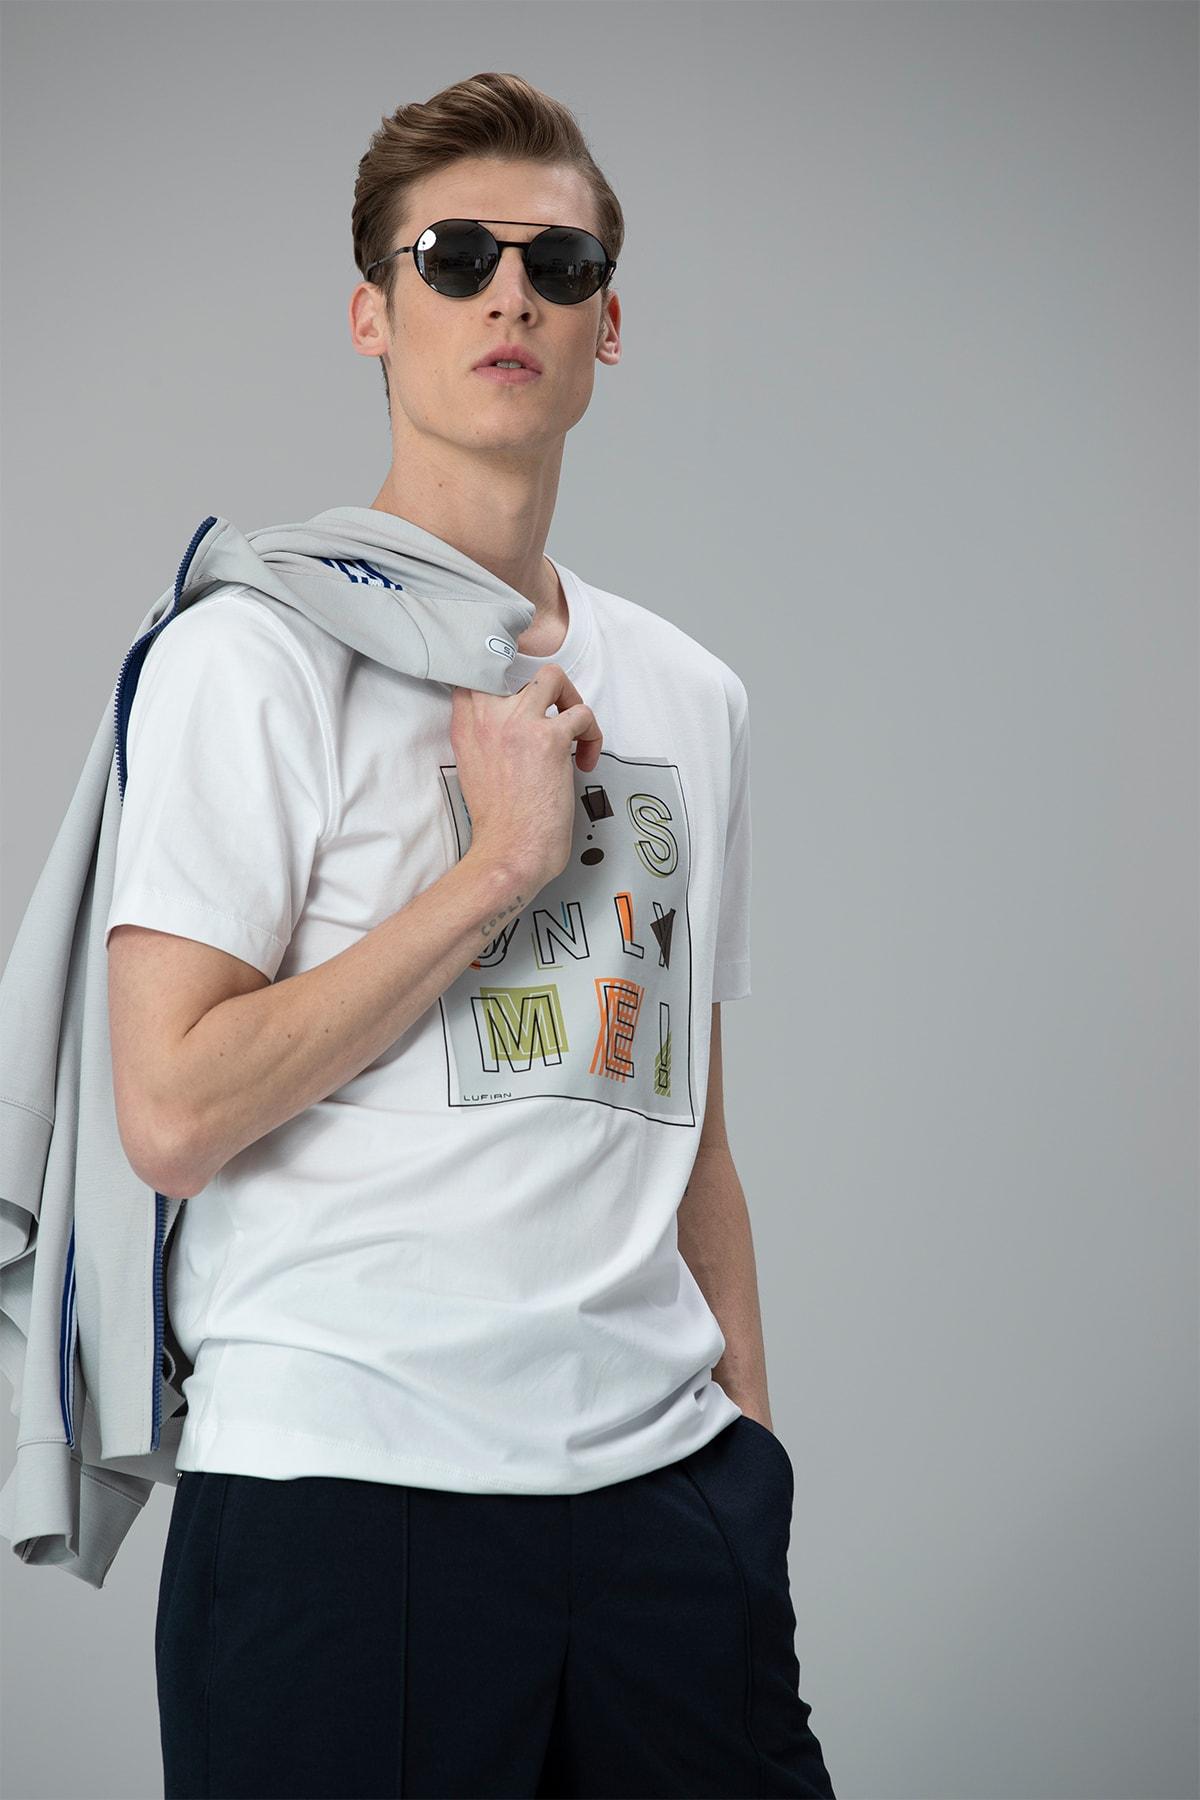 Lufian Etax Modern Grafik T- Shirt Beyaz 1